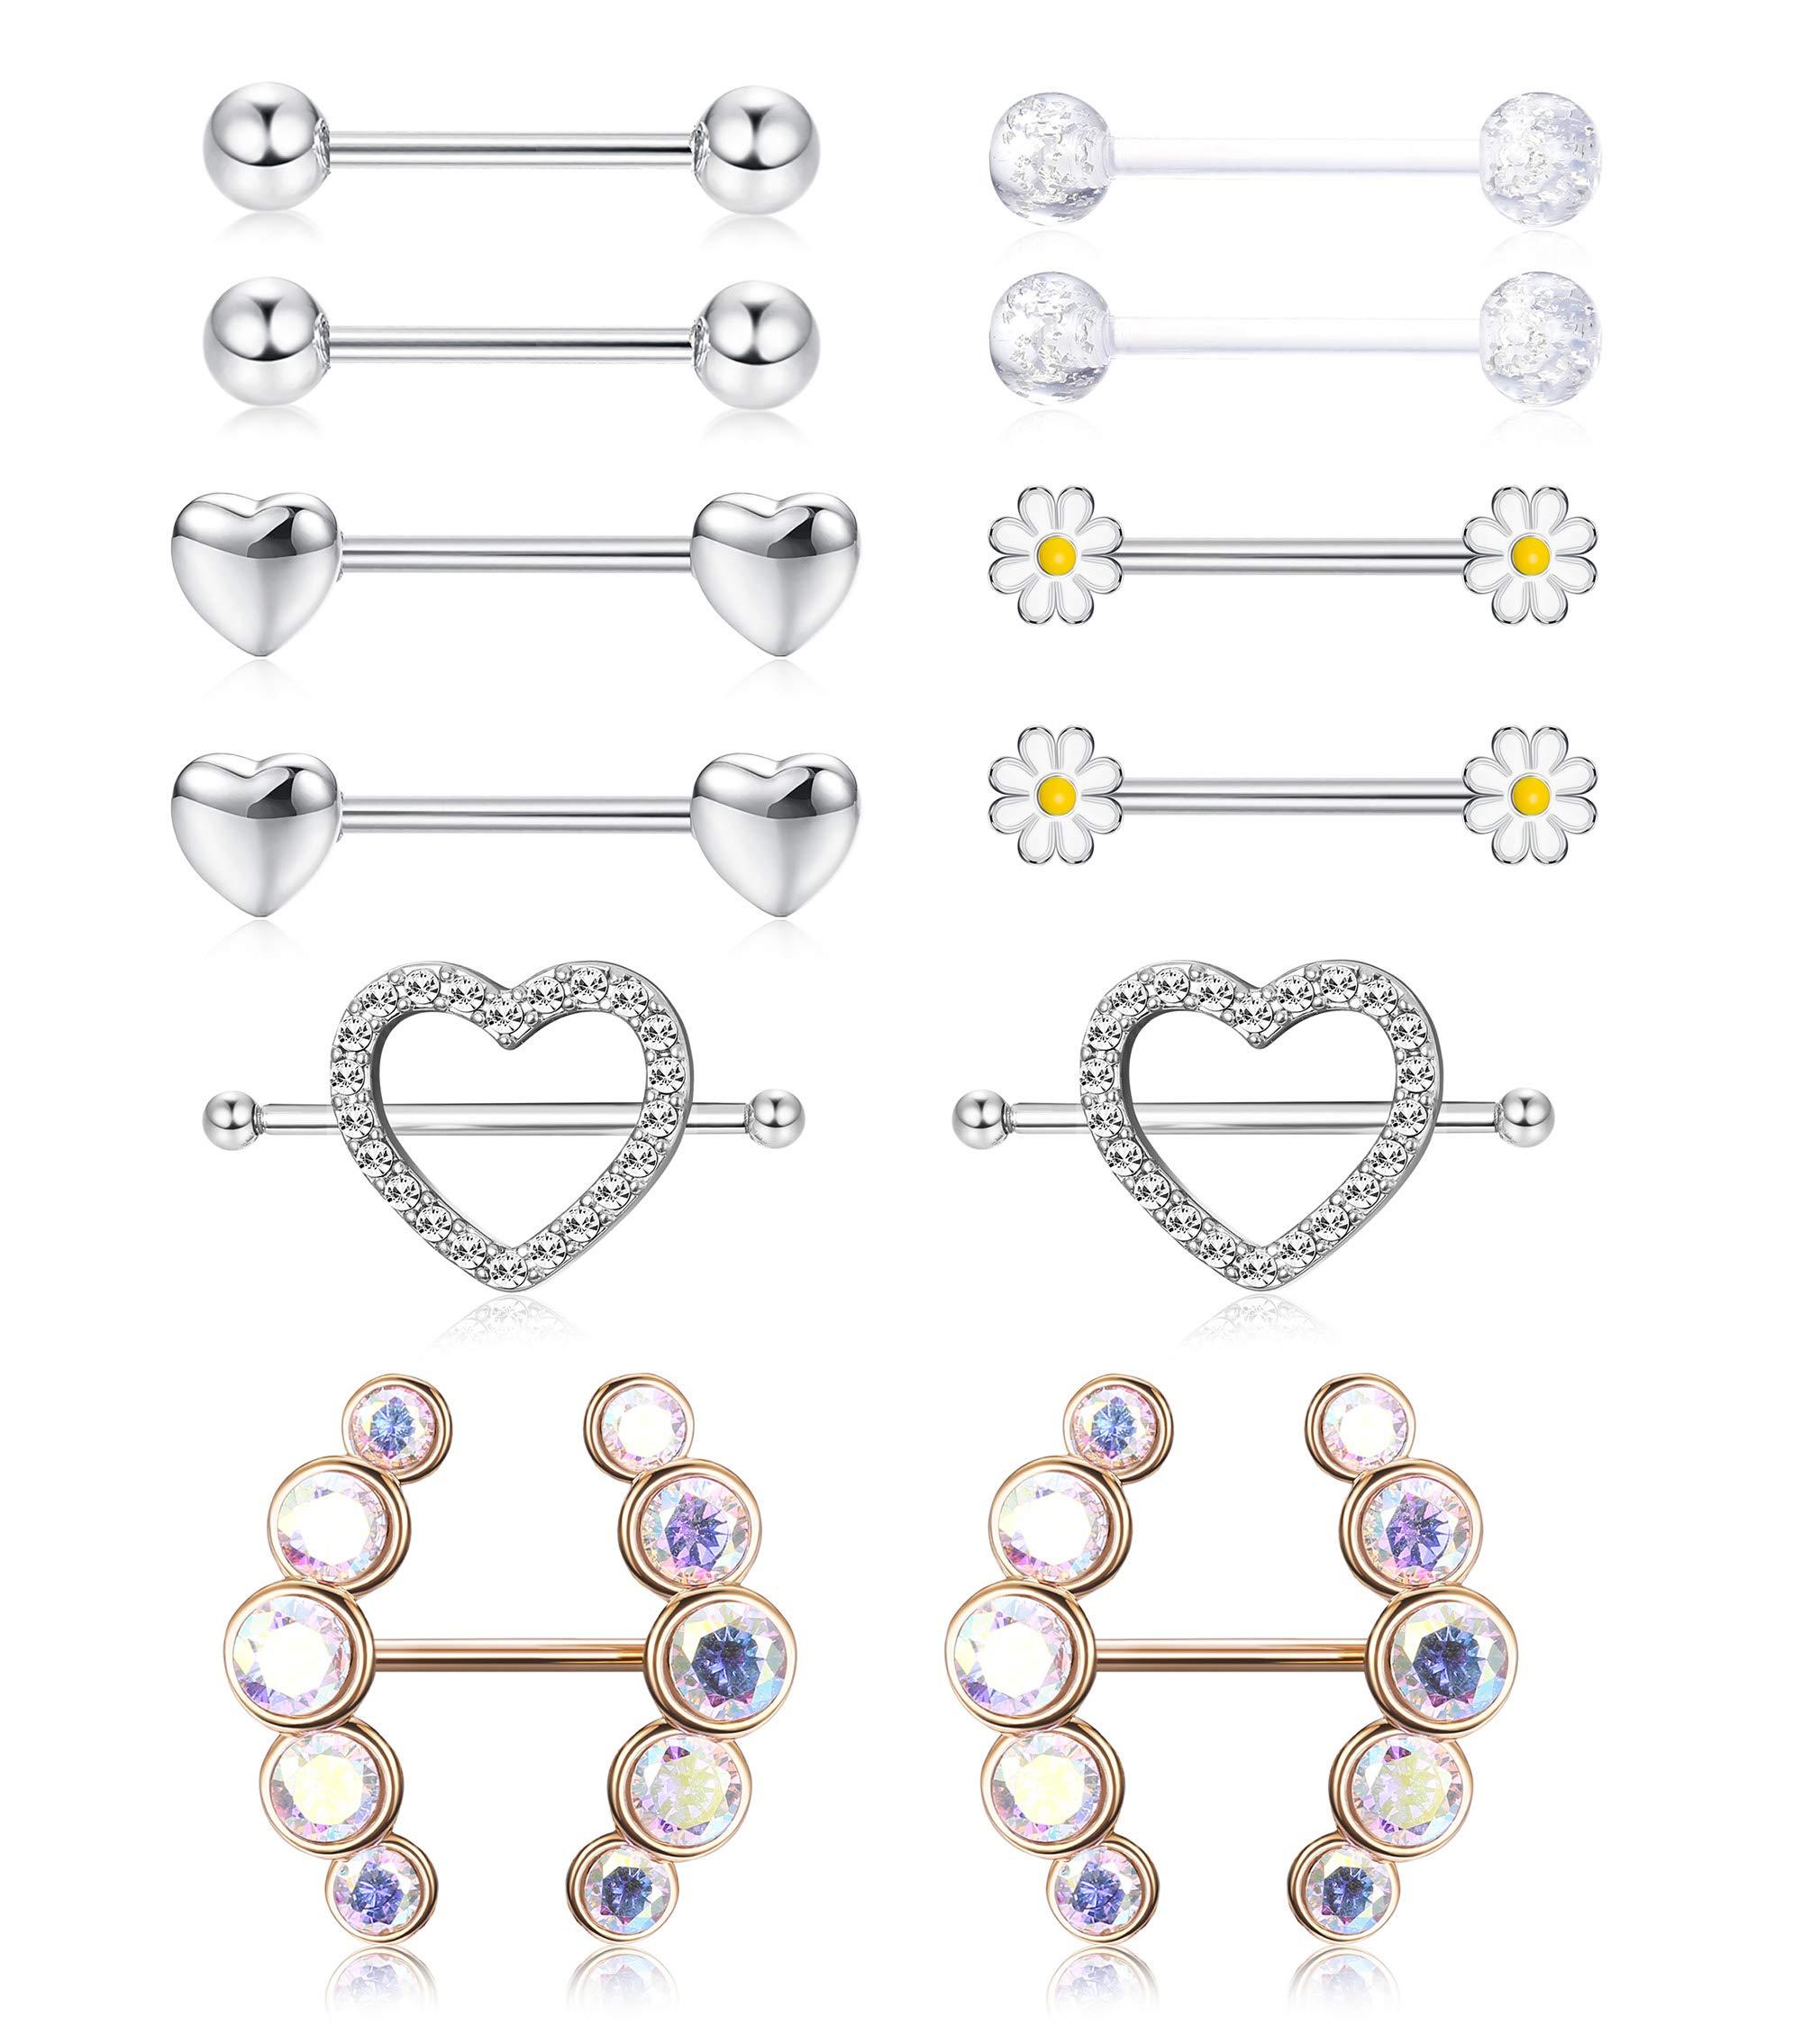 Hanpabum 6 Pairs Nipple Rings Stainless Steel Tongue Ring CZ Barbell Heart Shape Rings Body Piercing Jewelry 14G by Hanpabum